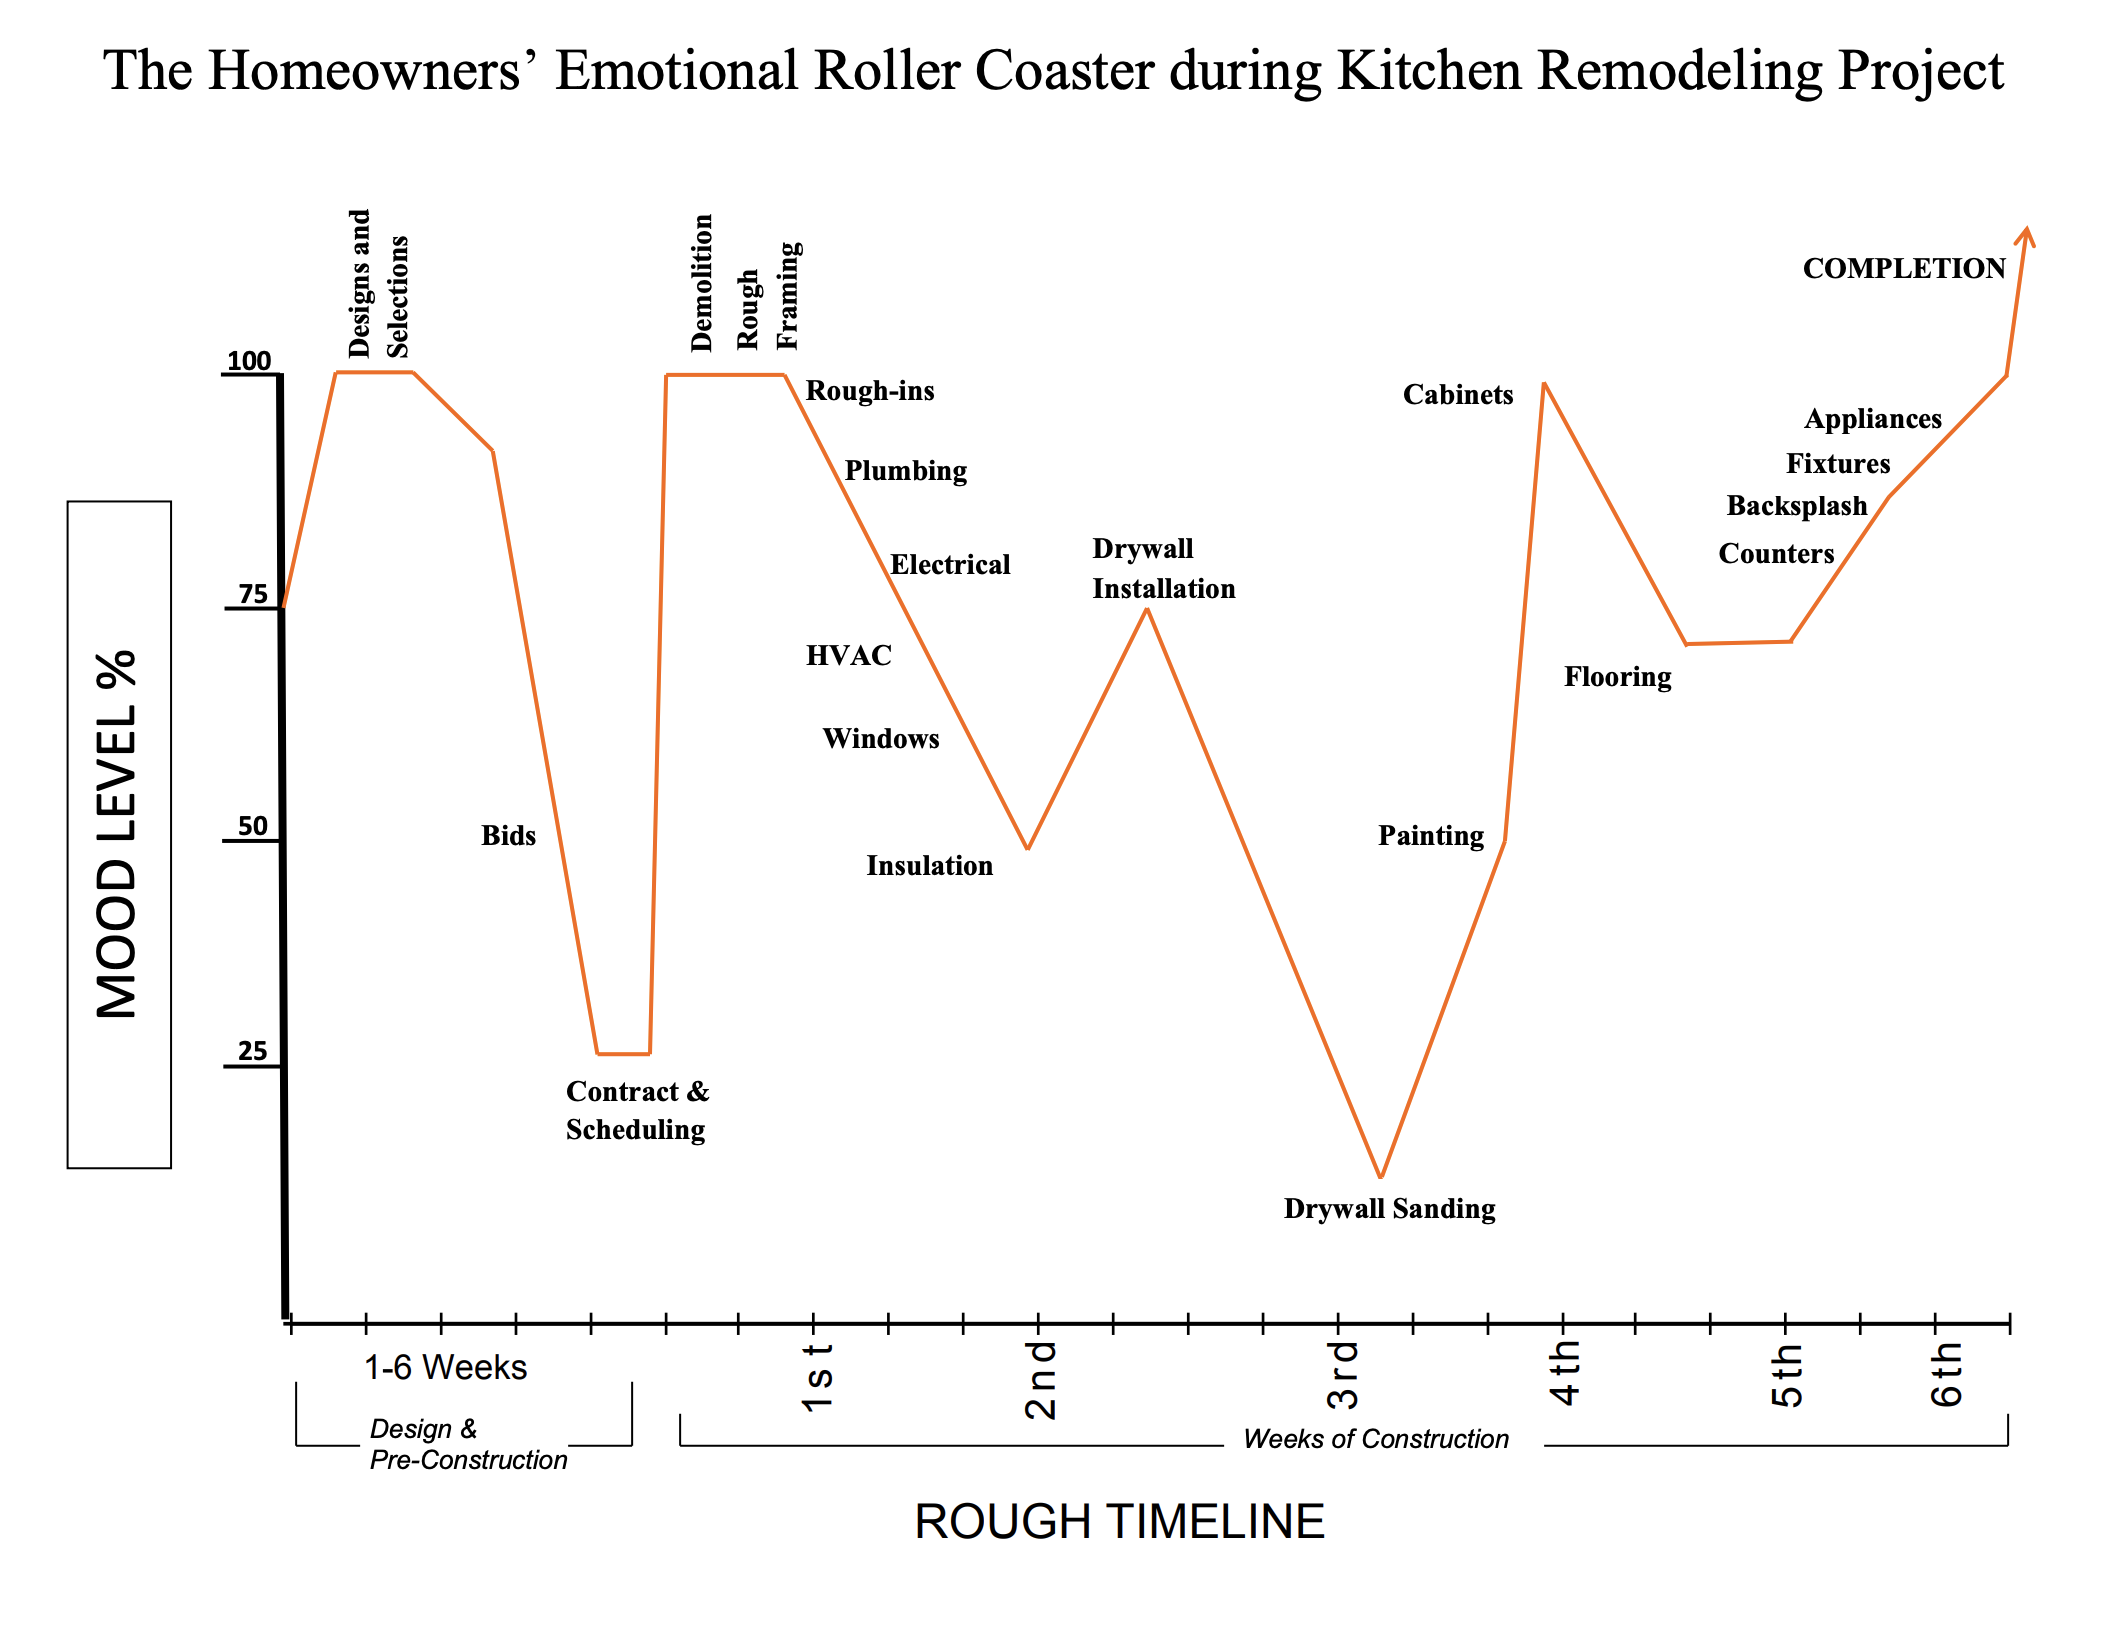 Remodeling Roller Coaster